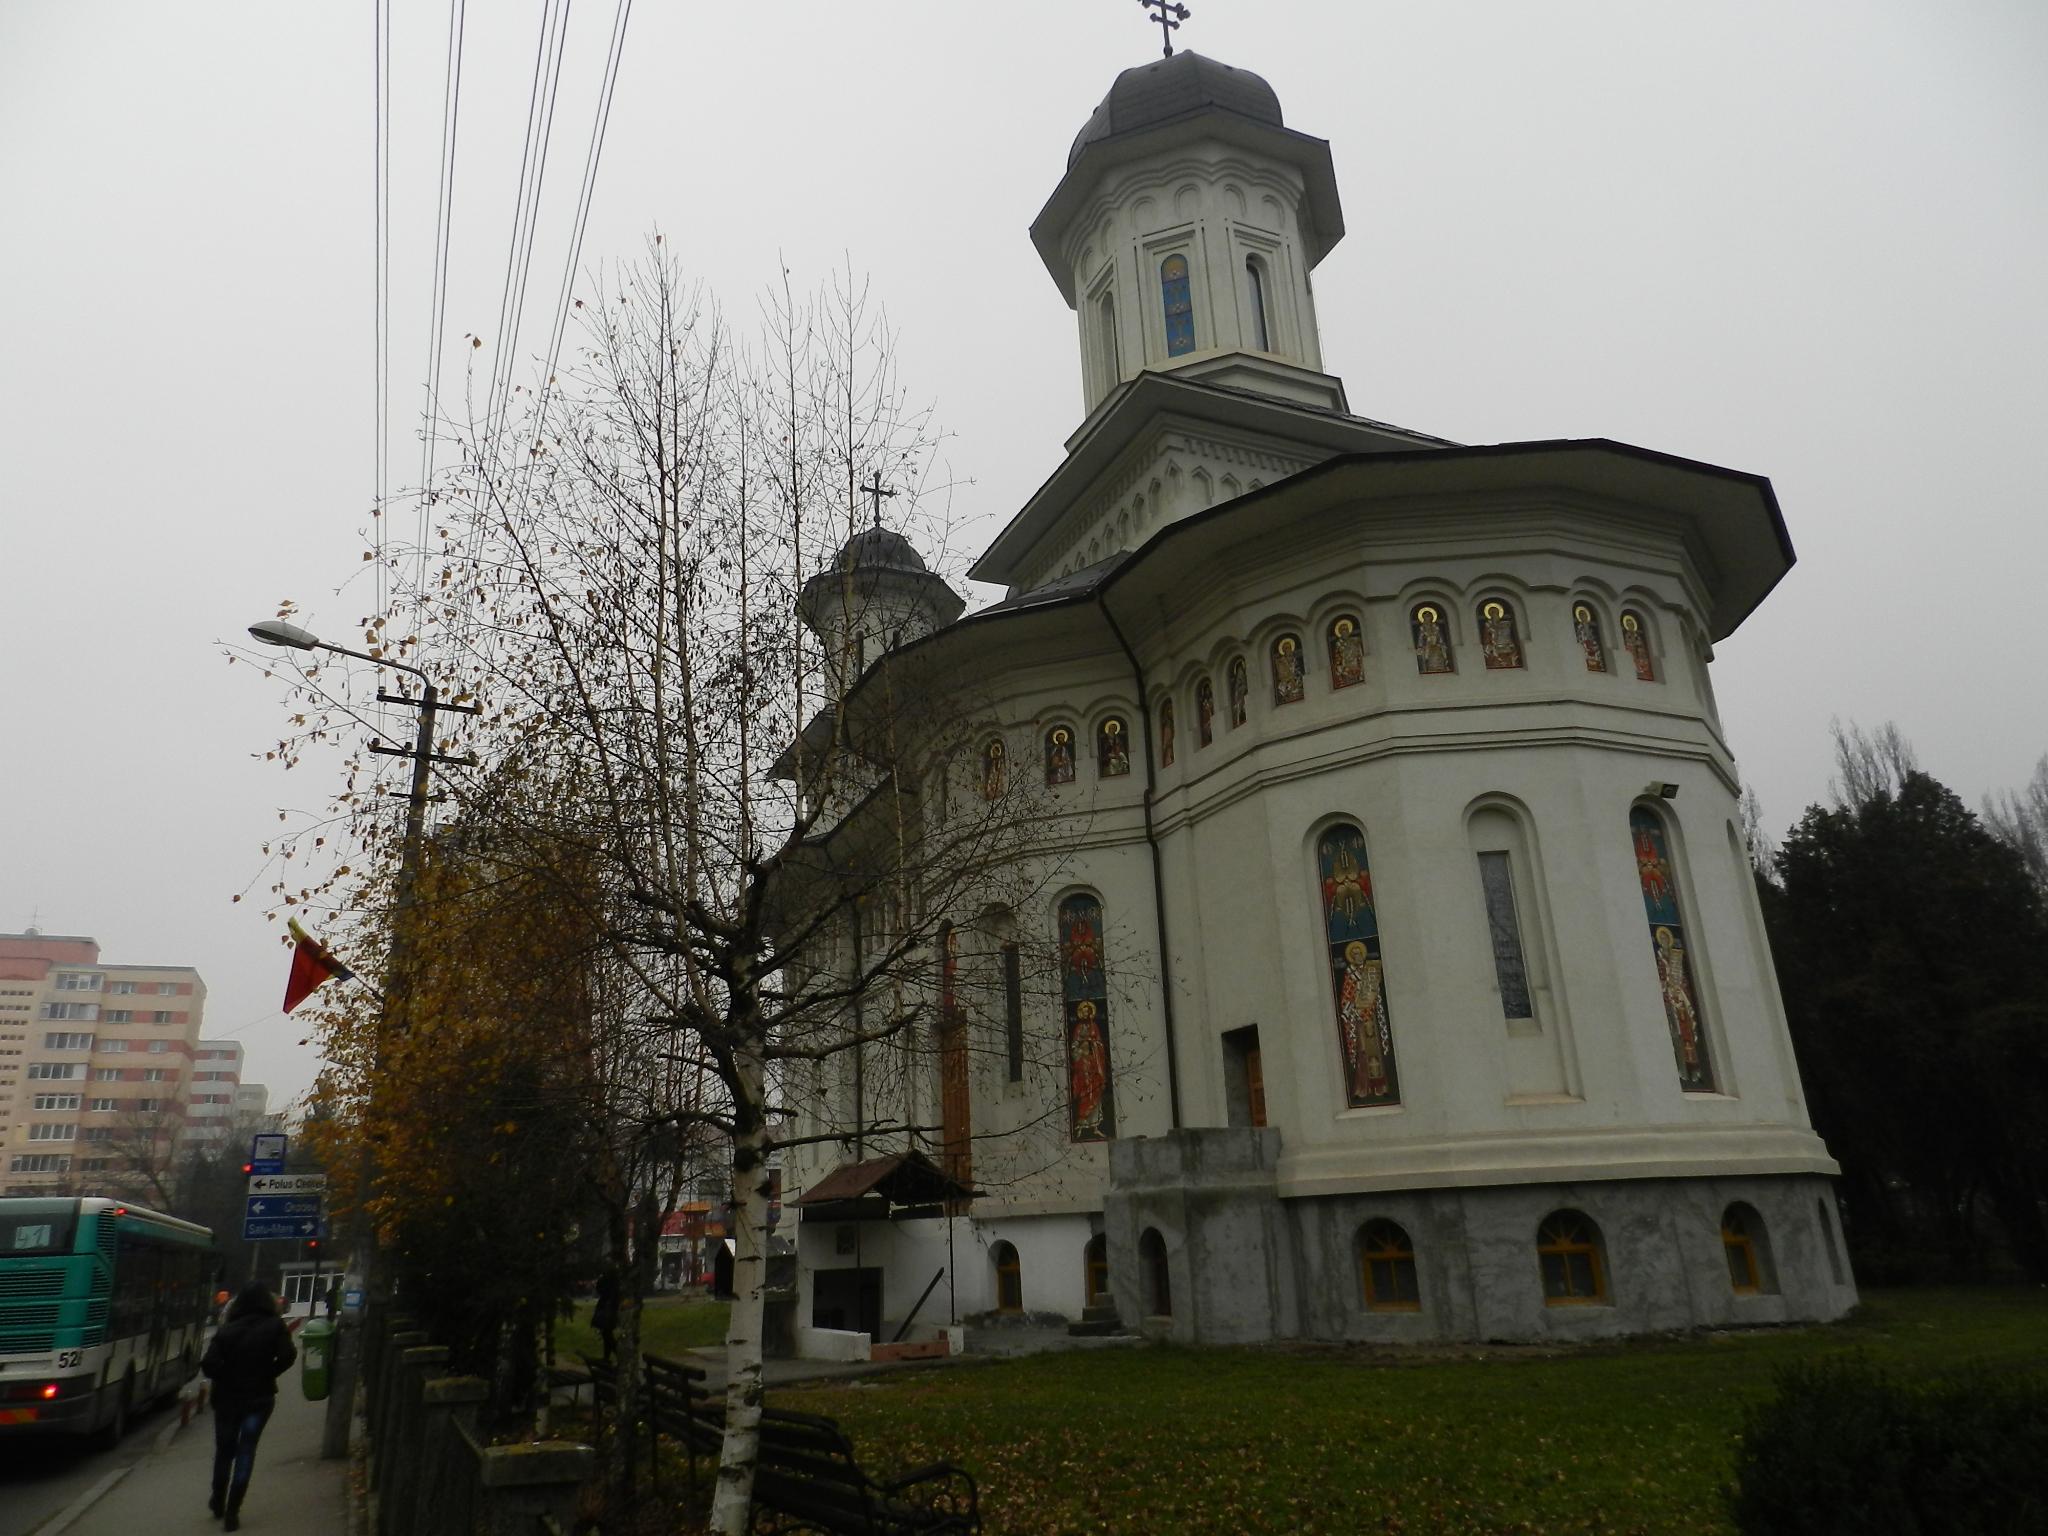 Licitație pentru ocuparea locurilor într-o biserică din Cluj-Napoca – EXCLUSIV